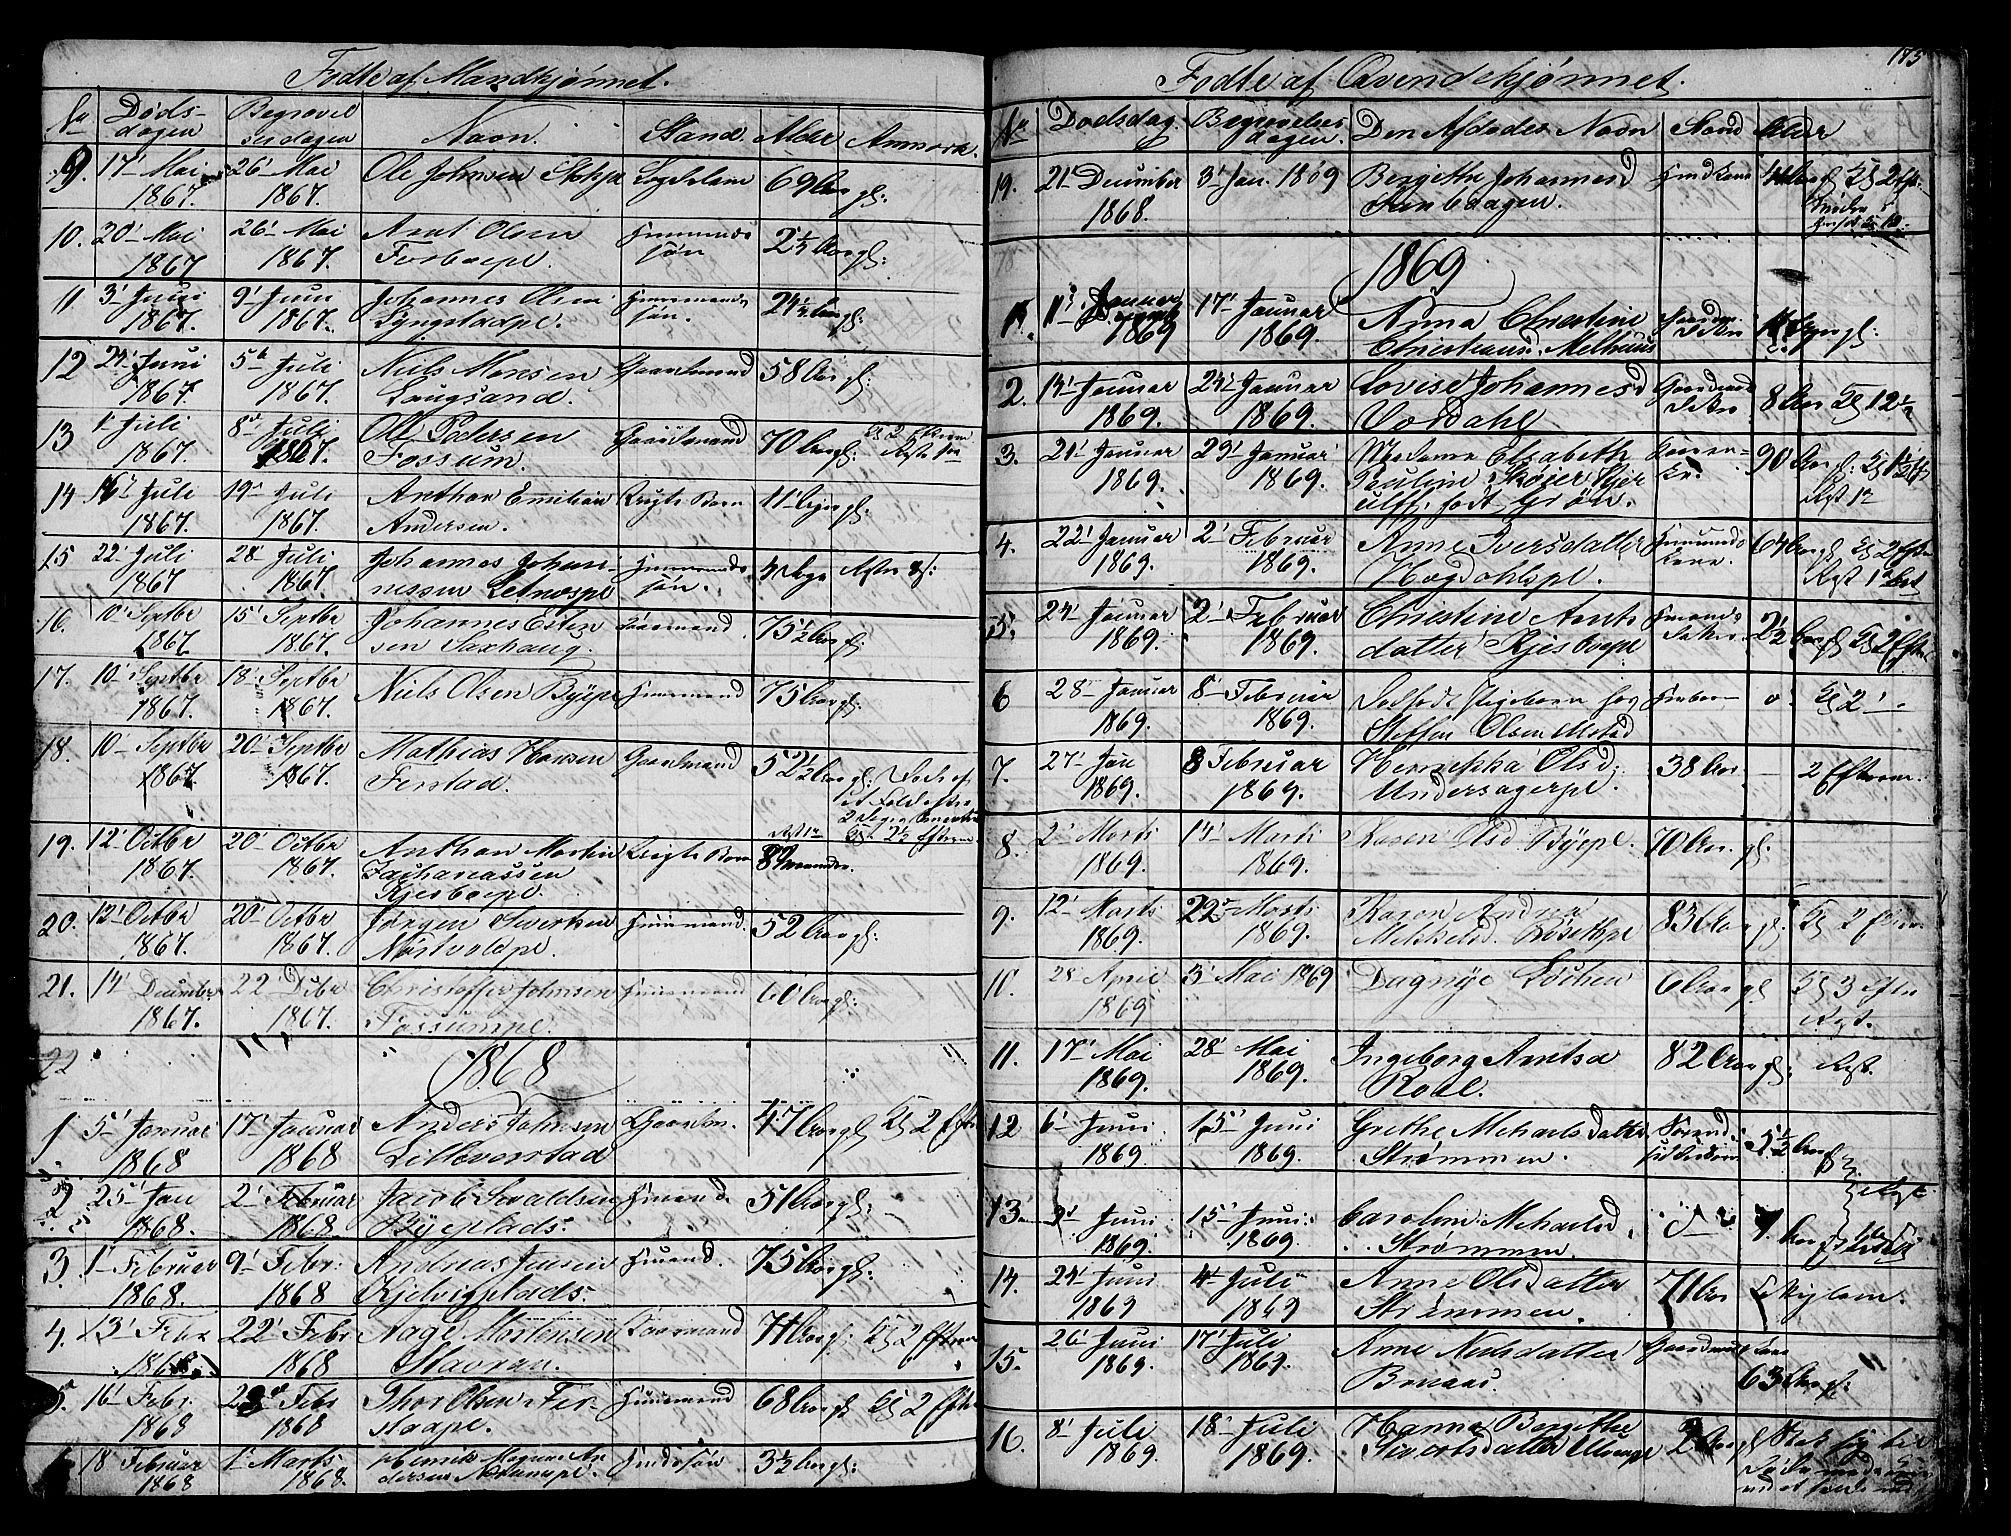 SAT, Ministerialprotokoller, klokkerbøker og fødselsregistre - Nord-Trøndelag, 730/L0299: Klokkerbok nr. 730C02, 1849-1871, s. 175